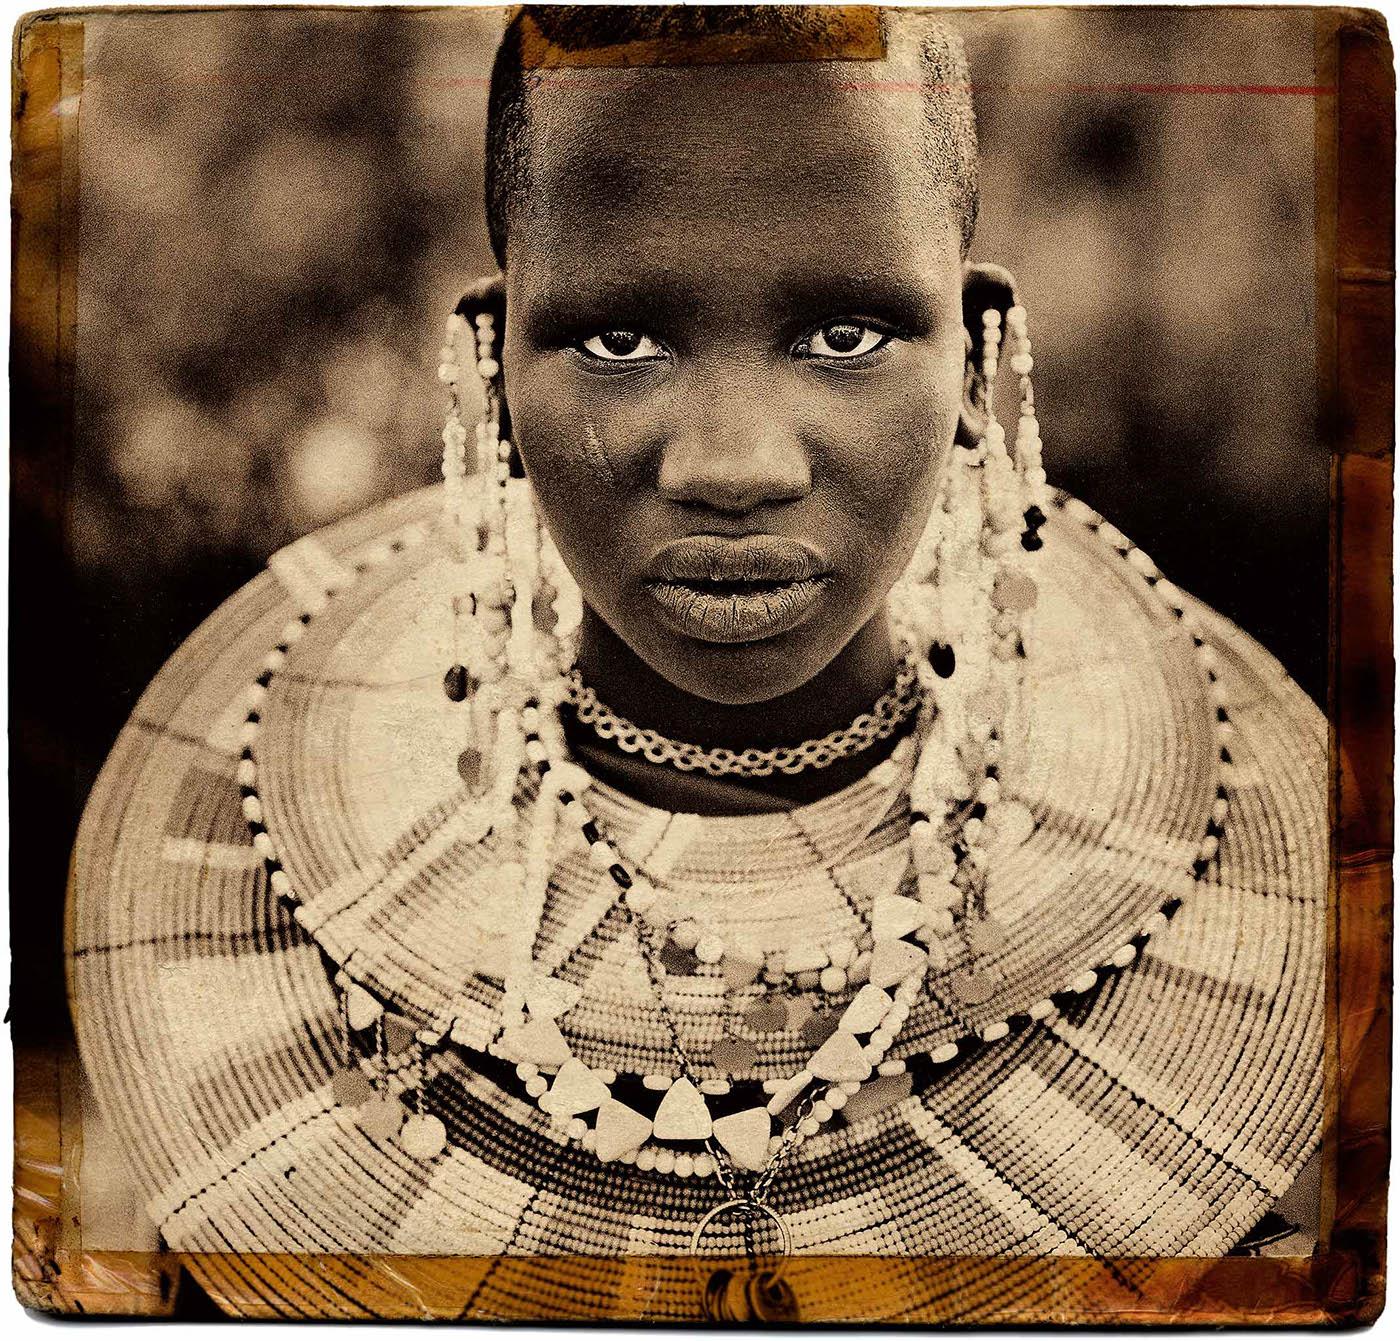 MAASAI PORTRAITS | Antti Viitala Photography #artpeople